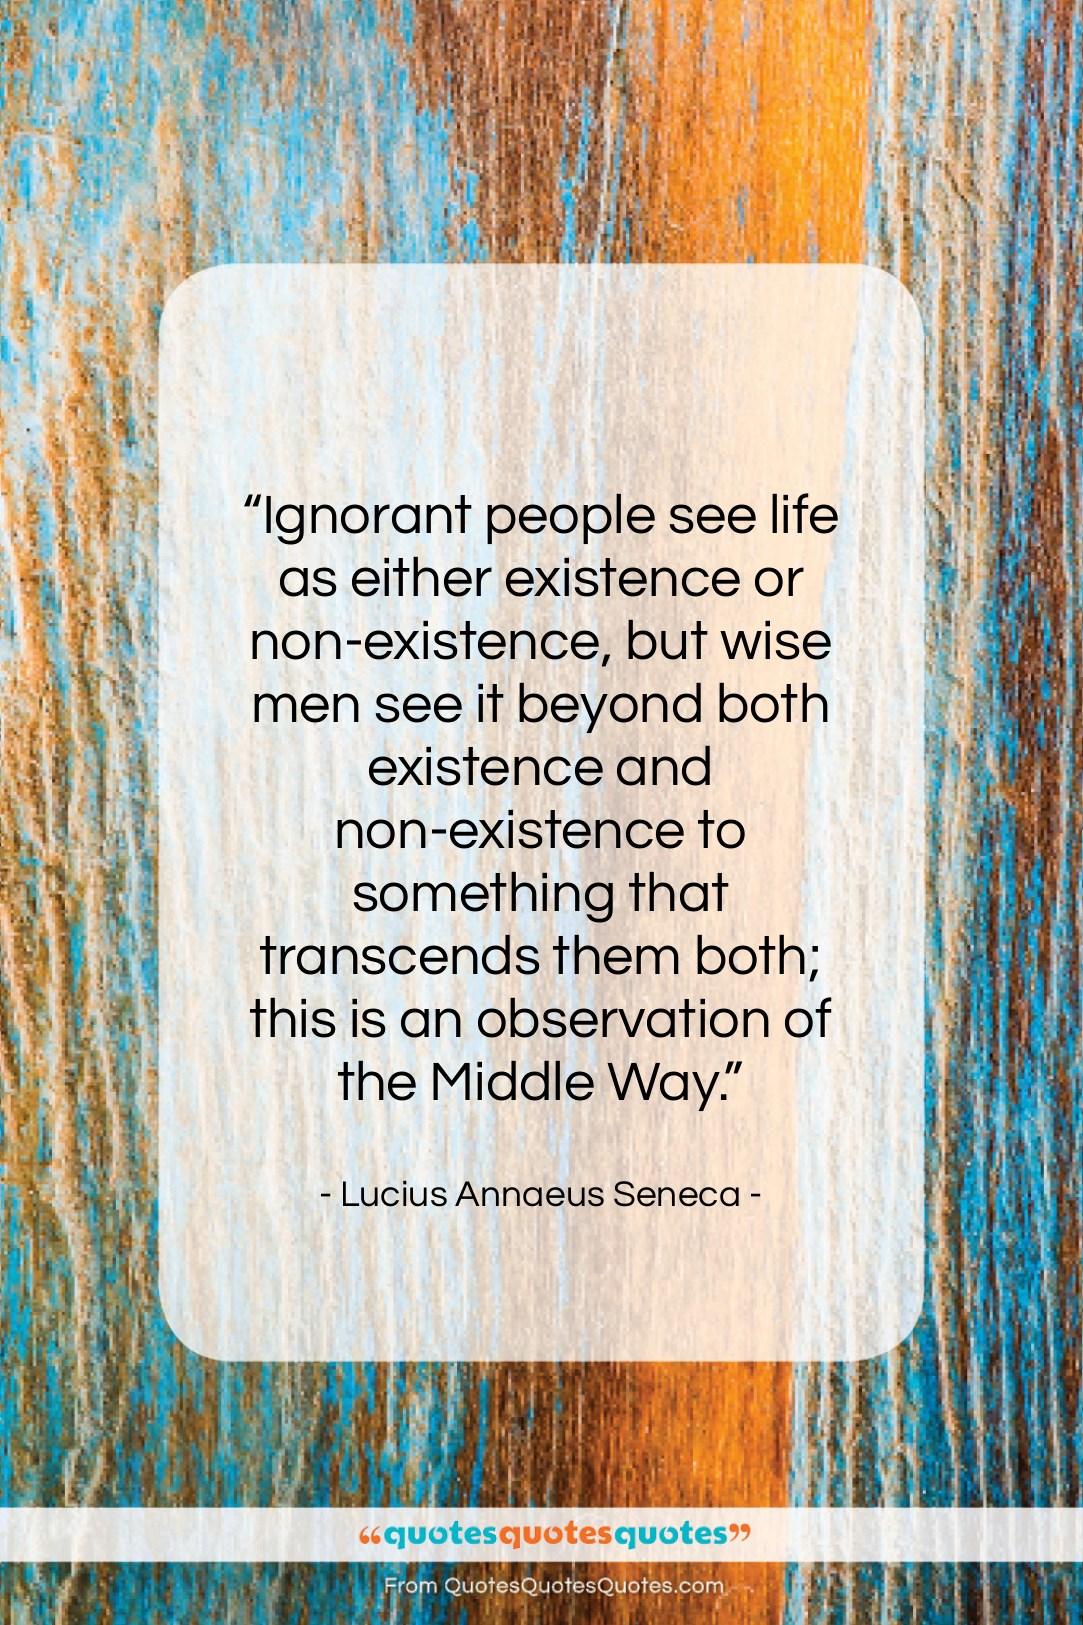 Get the whole Lucius Annaeus Seneca quote: \